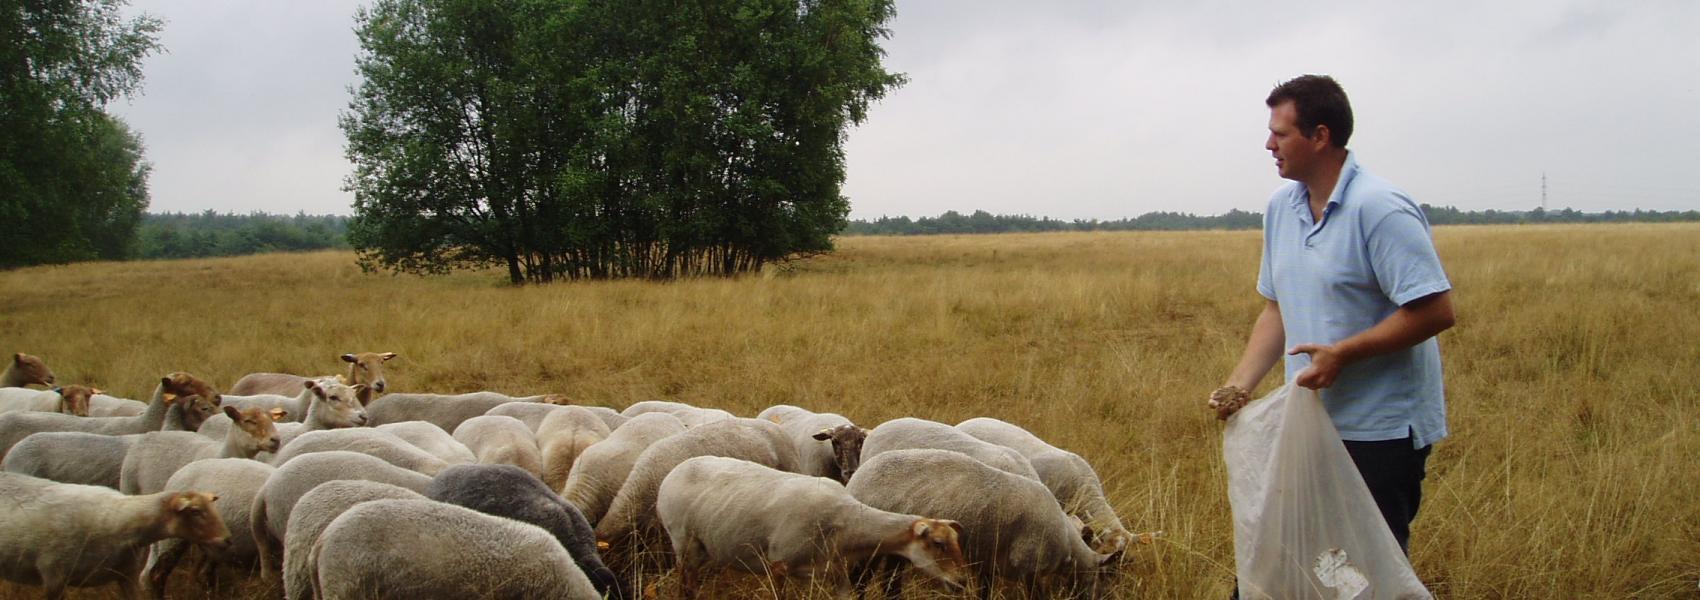 schapen met herder